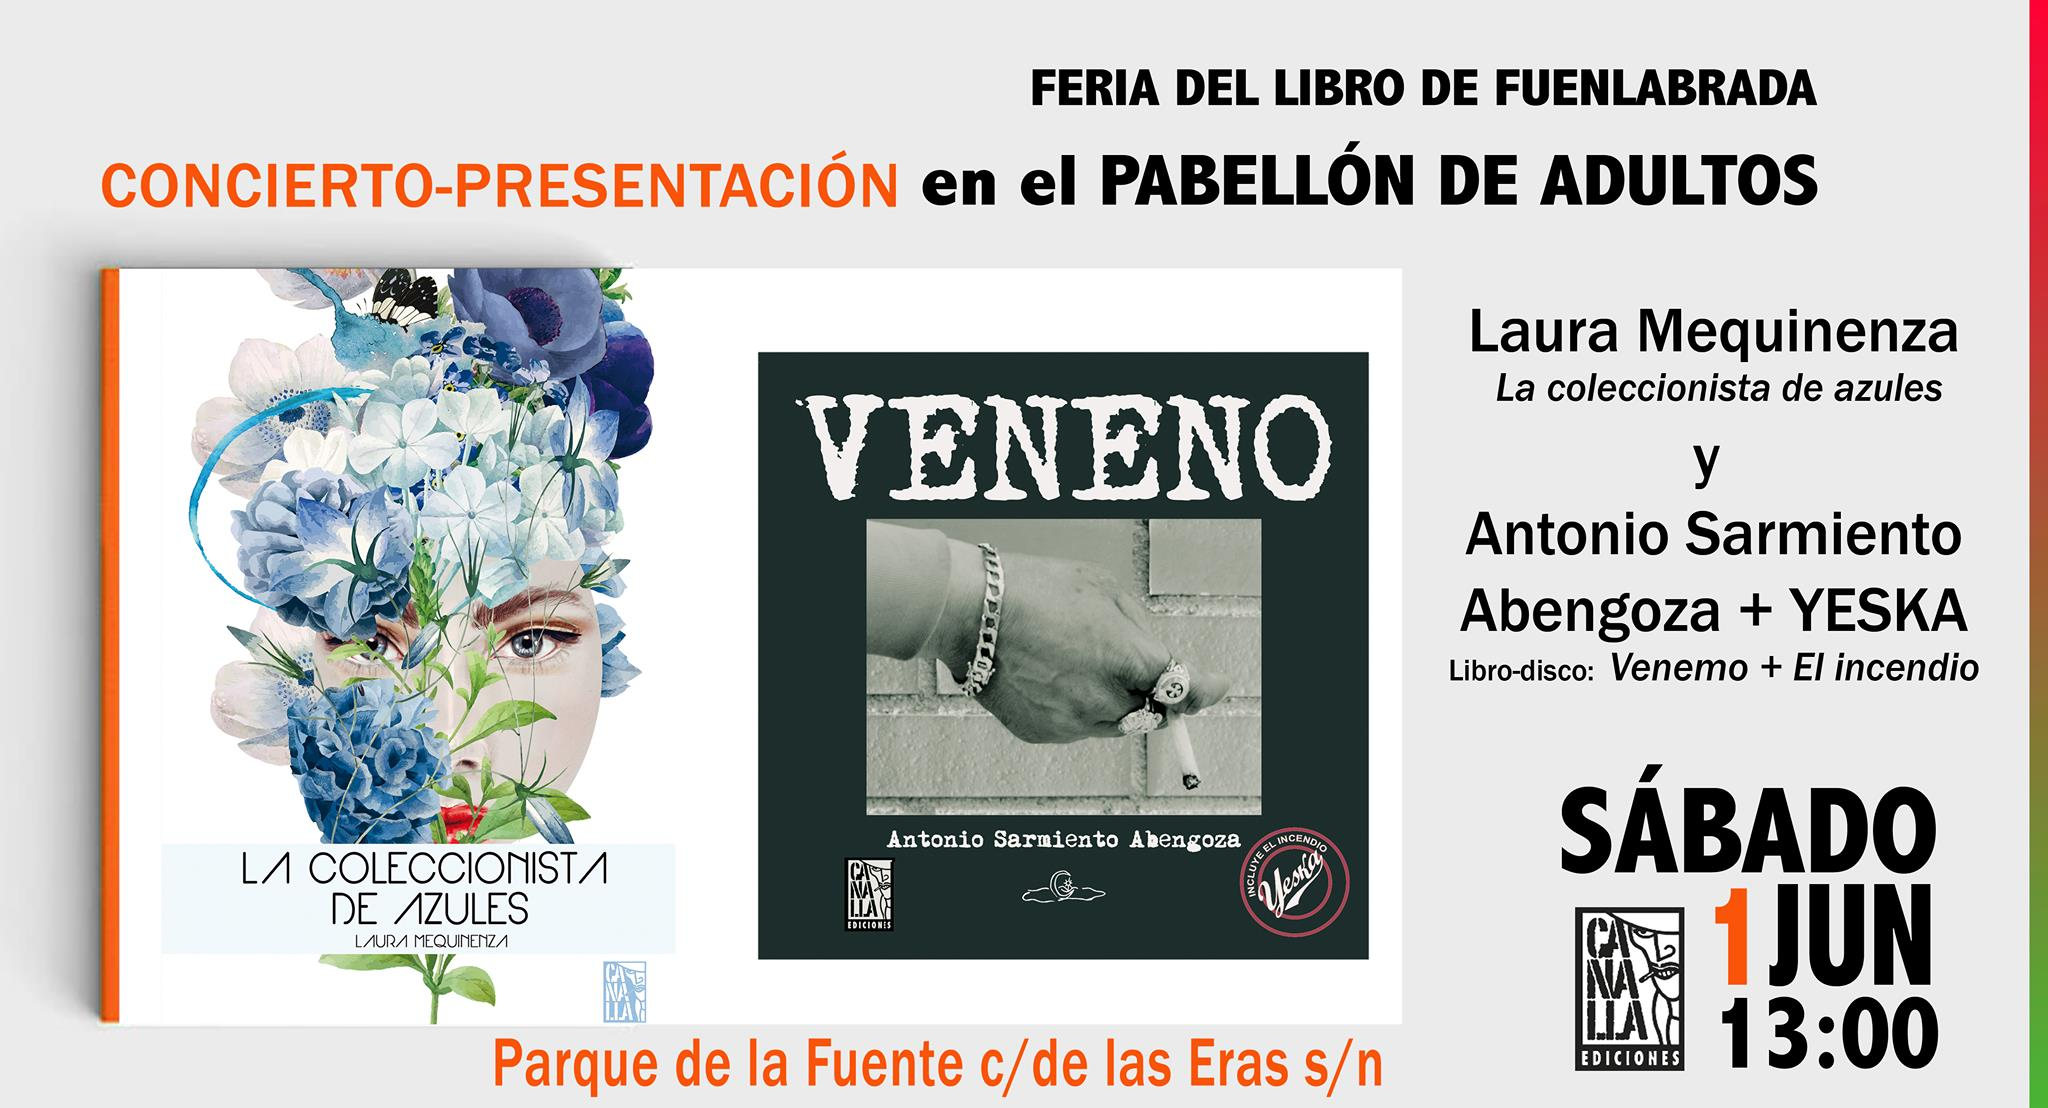 Feria del libro en Fuenlabrada 2019